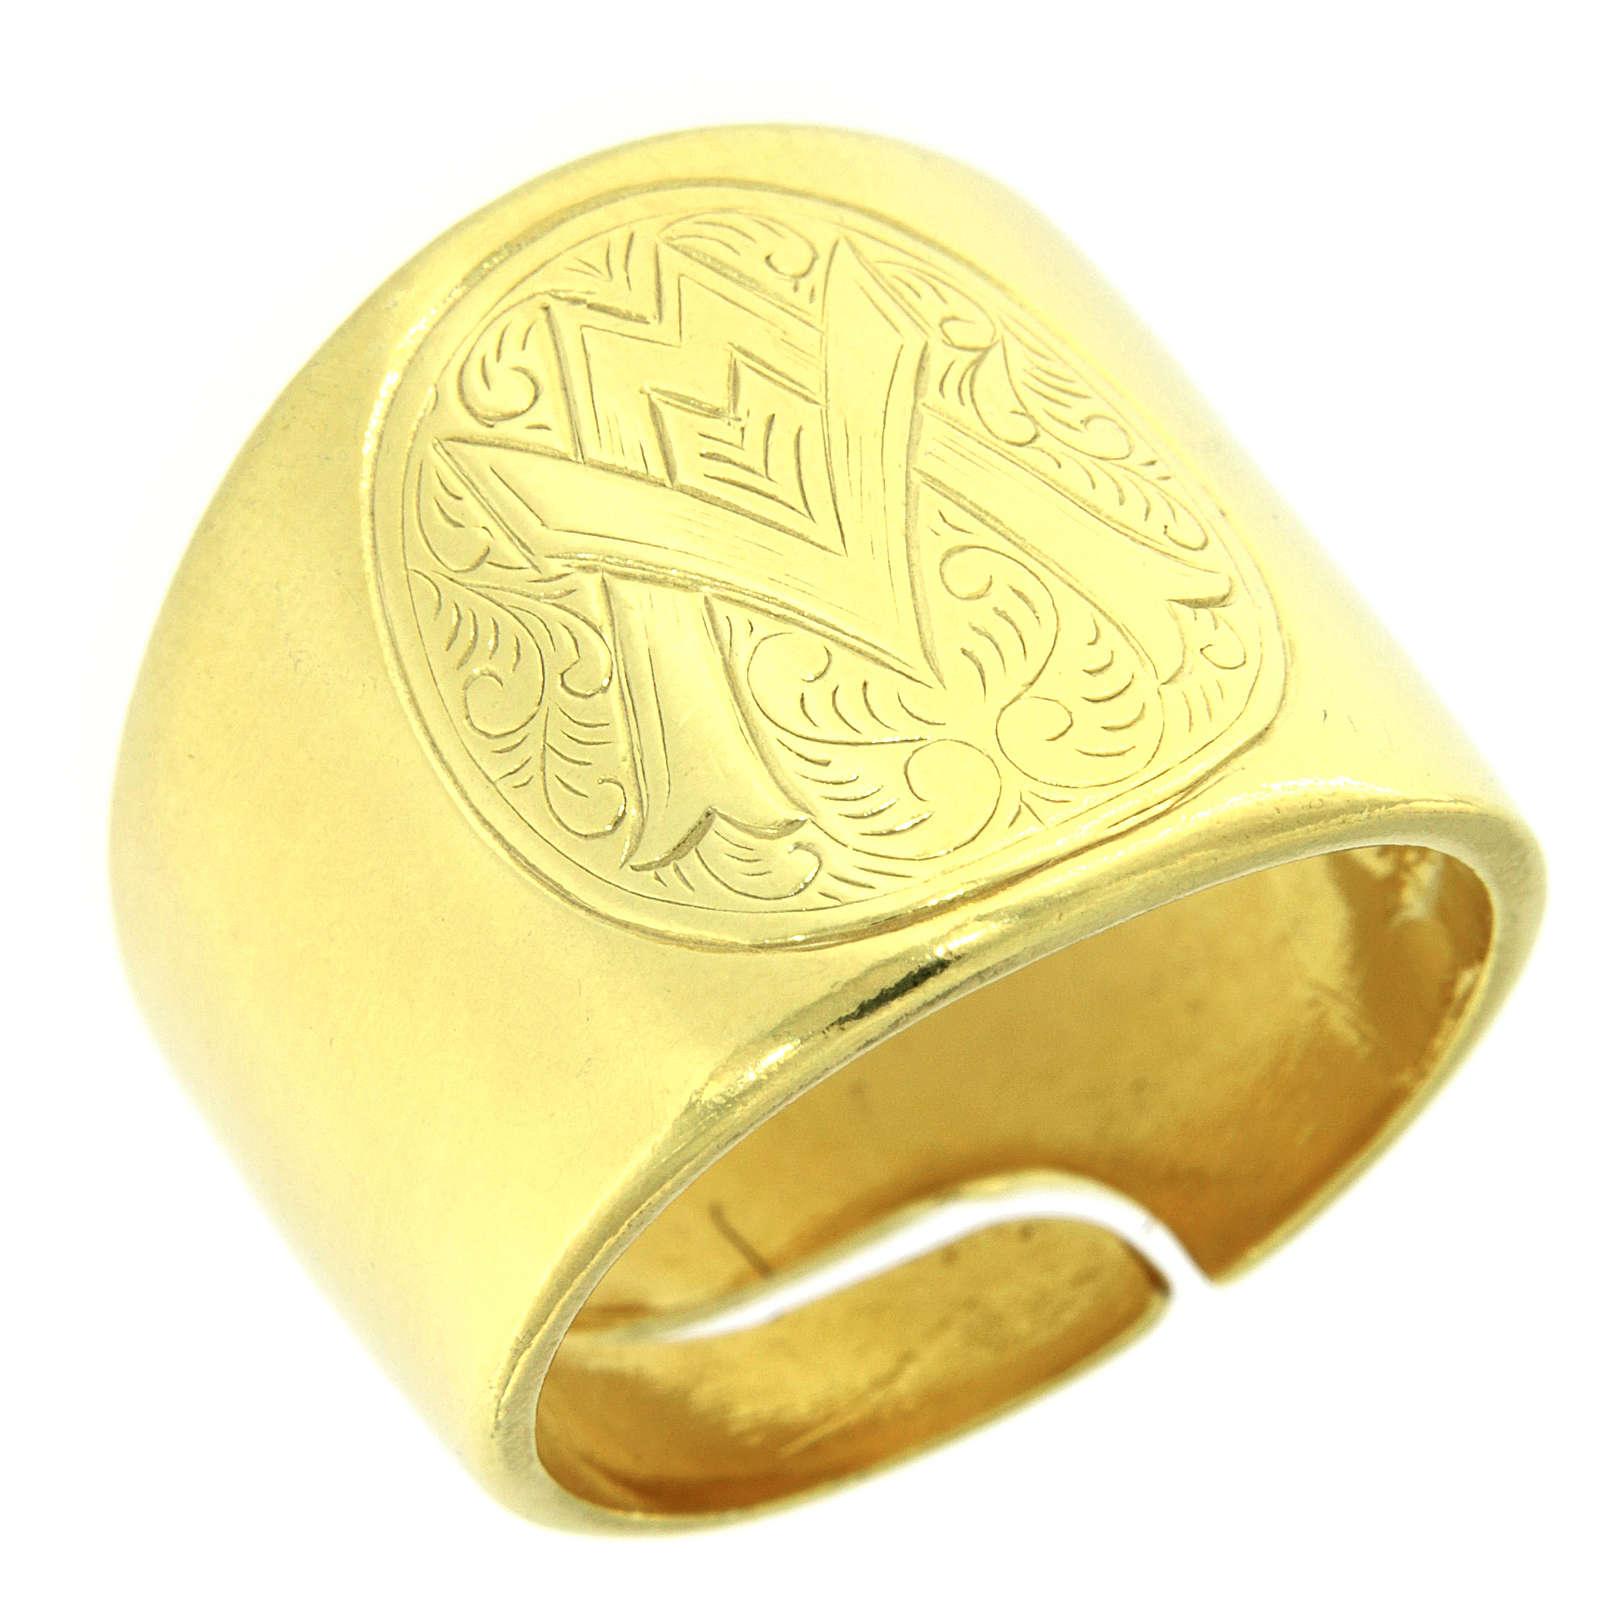 Bague symbole Ave Maria argent 925 3